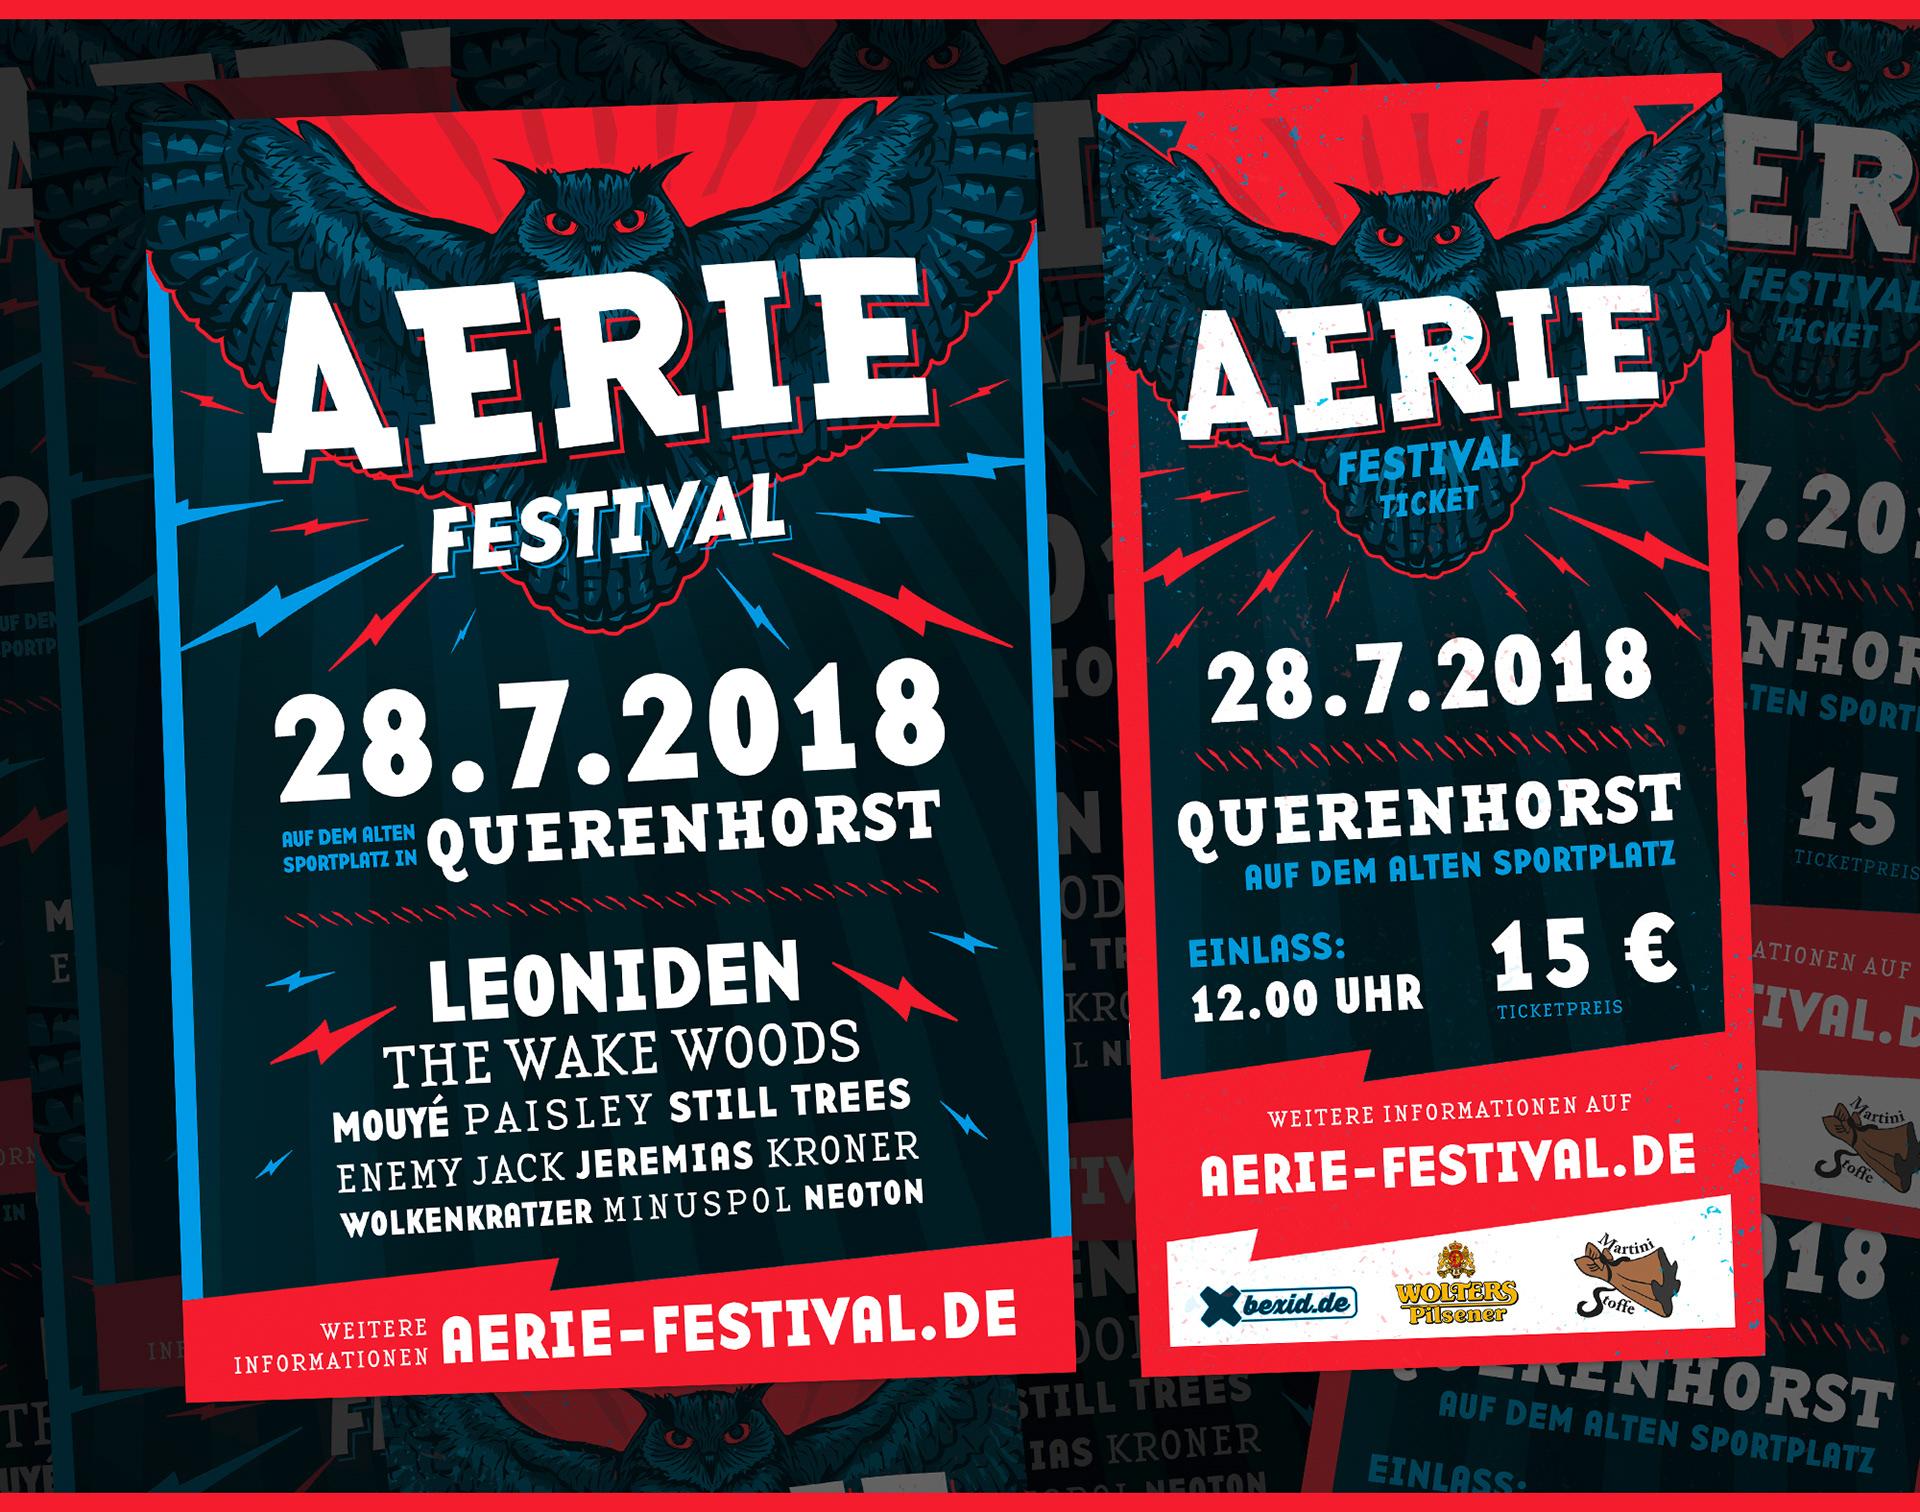 Aerie Festival 2018 On Behance